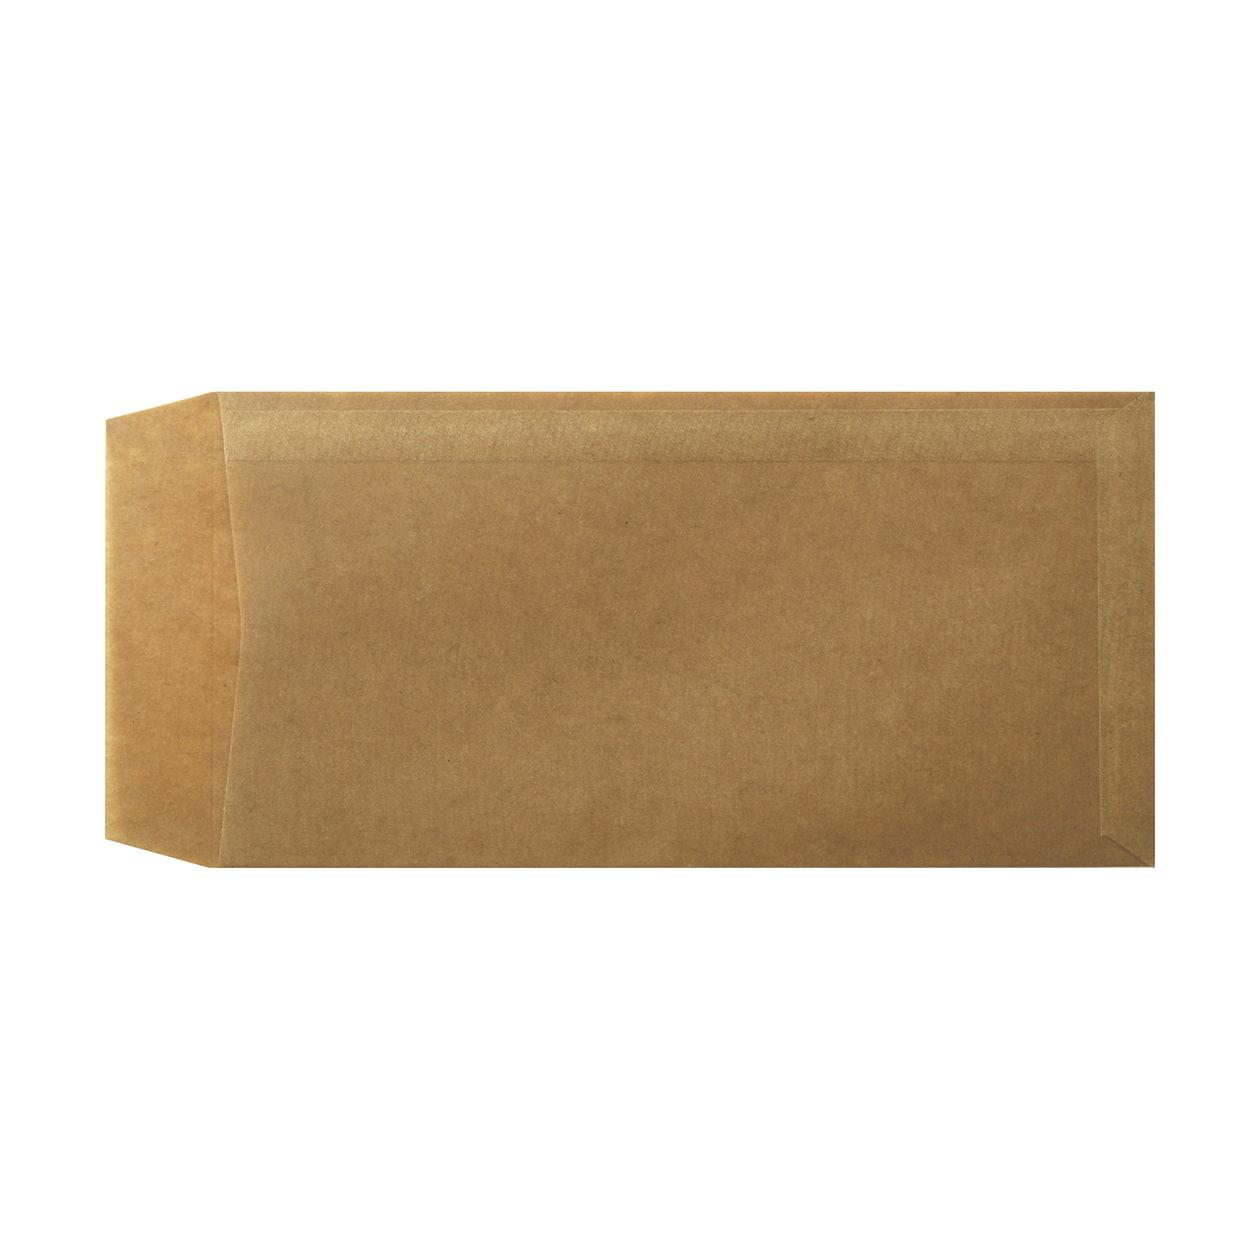 サンプル 封筒・袋 00144